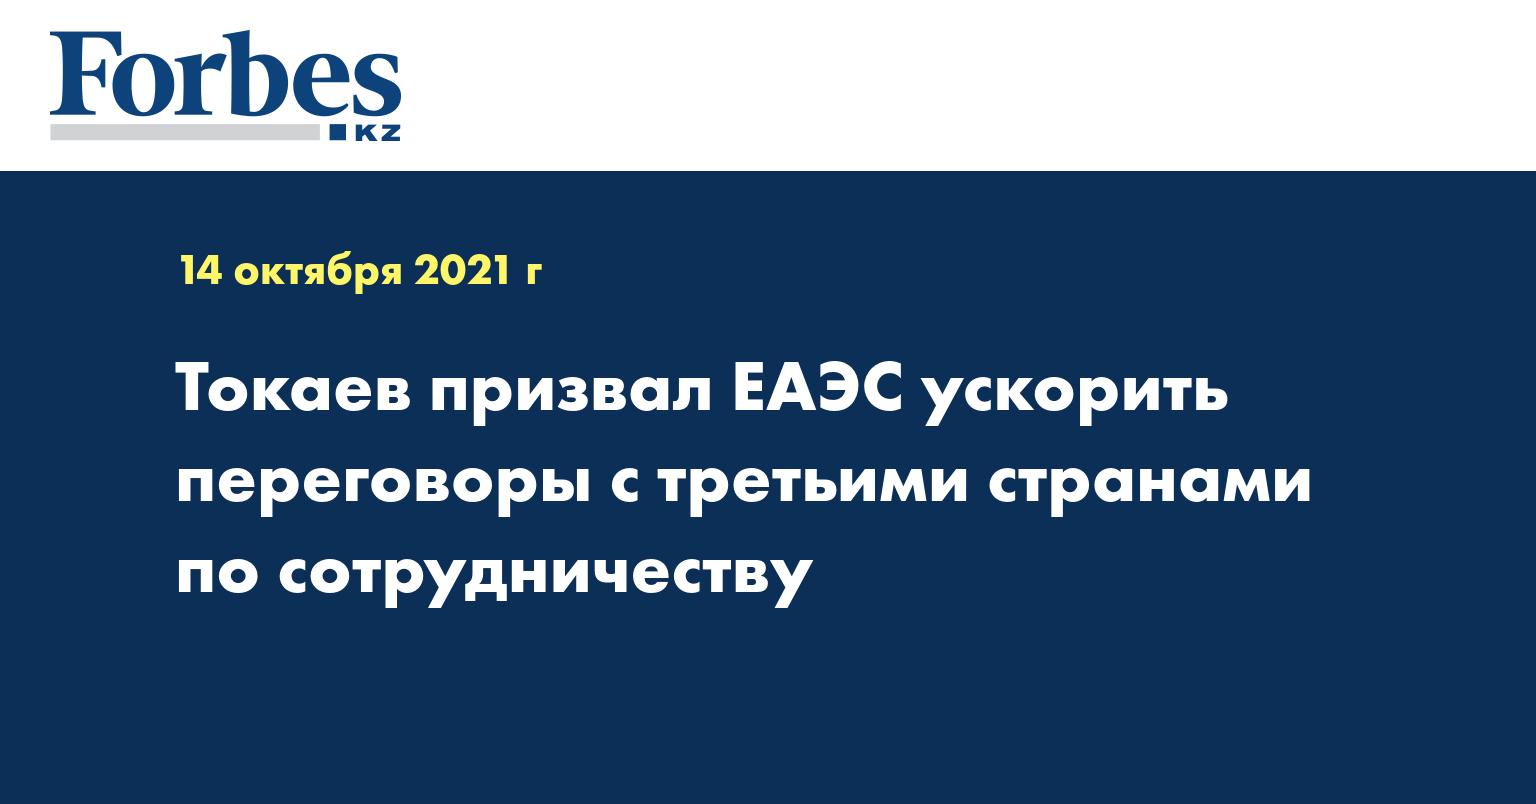 Токаев призвал ЕАЭС ускорить переговоры с третьими странами по сотрудничеству